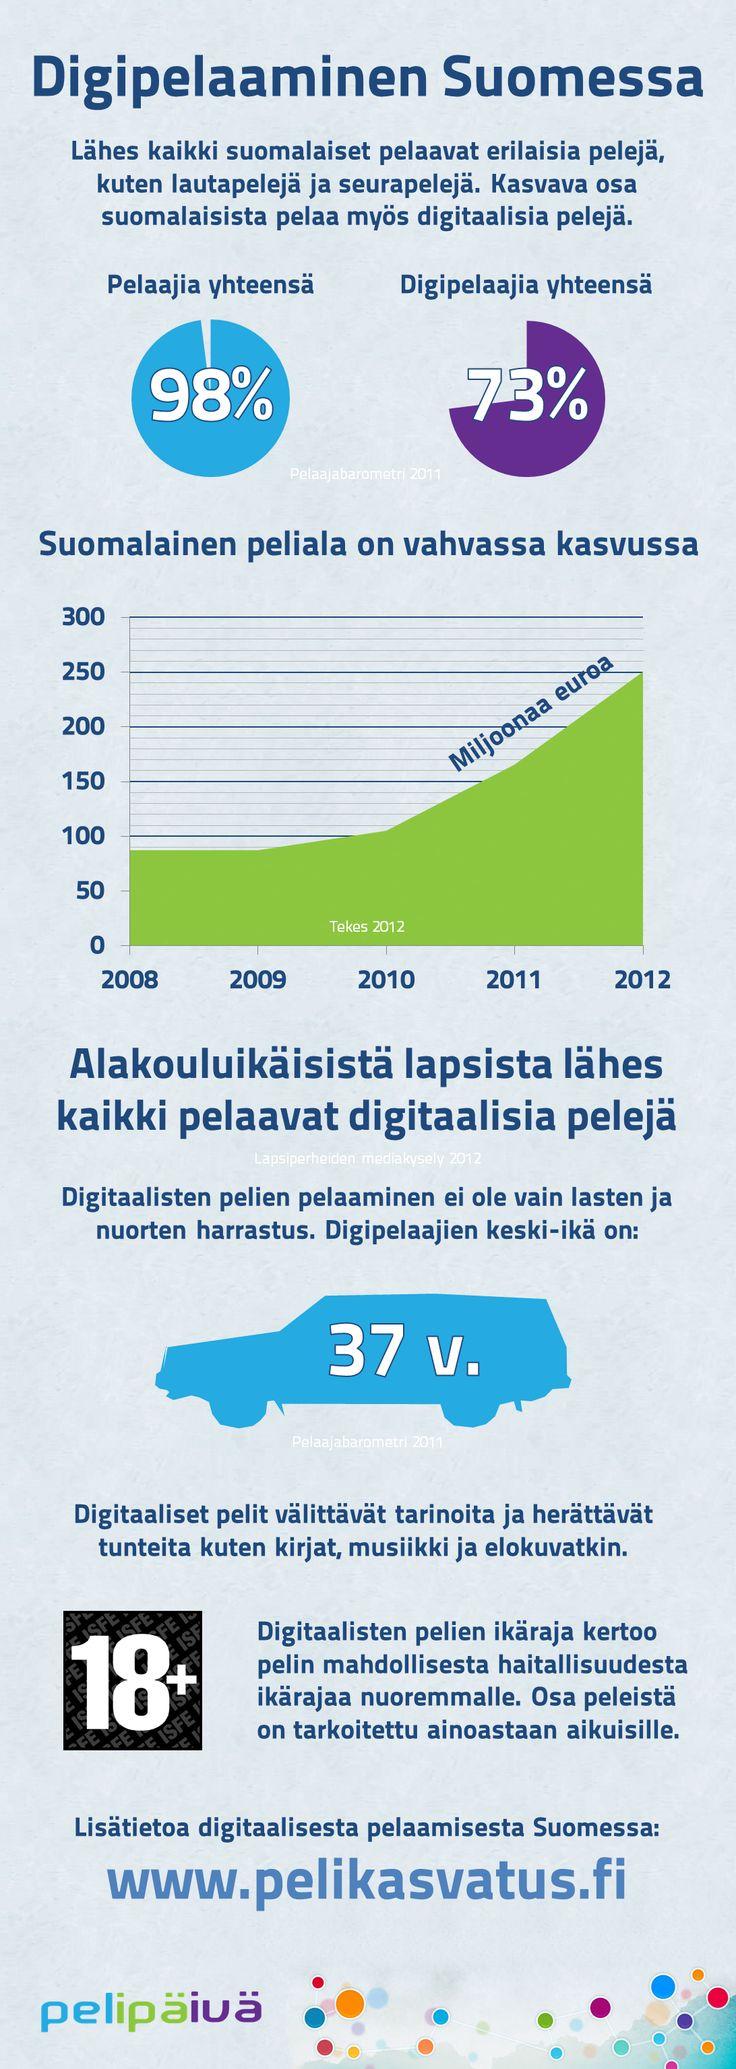 Digipelaaminen Suomessa infografiikka - Klikkaa suuremmaksi